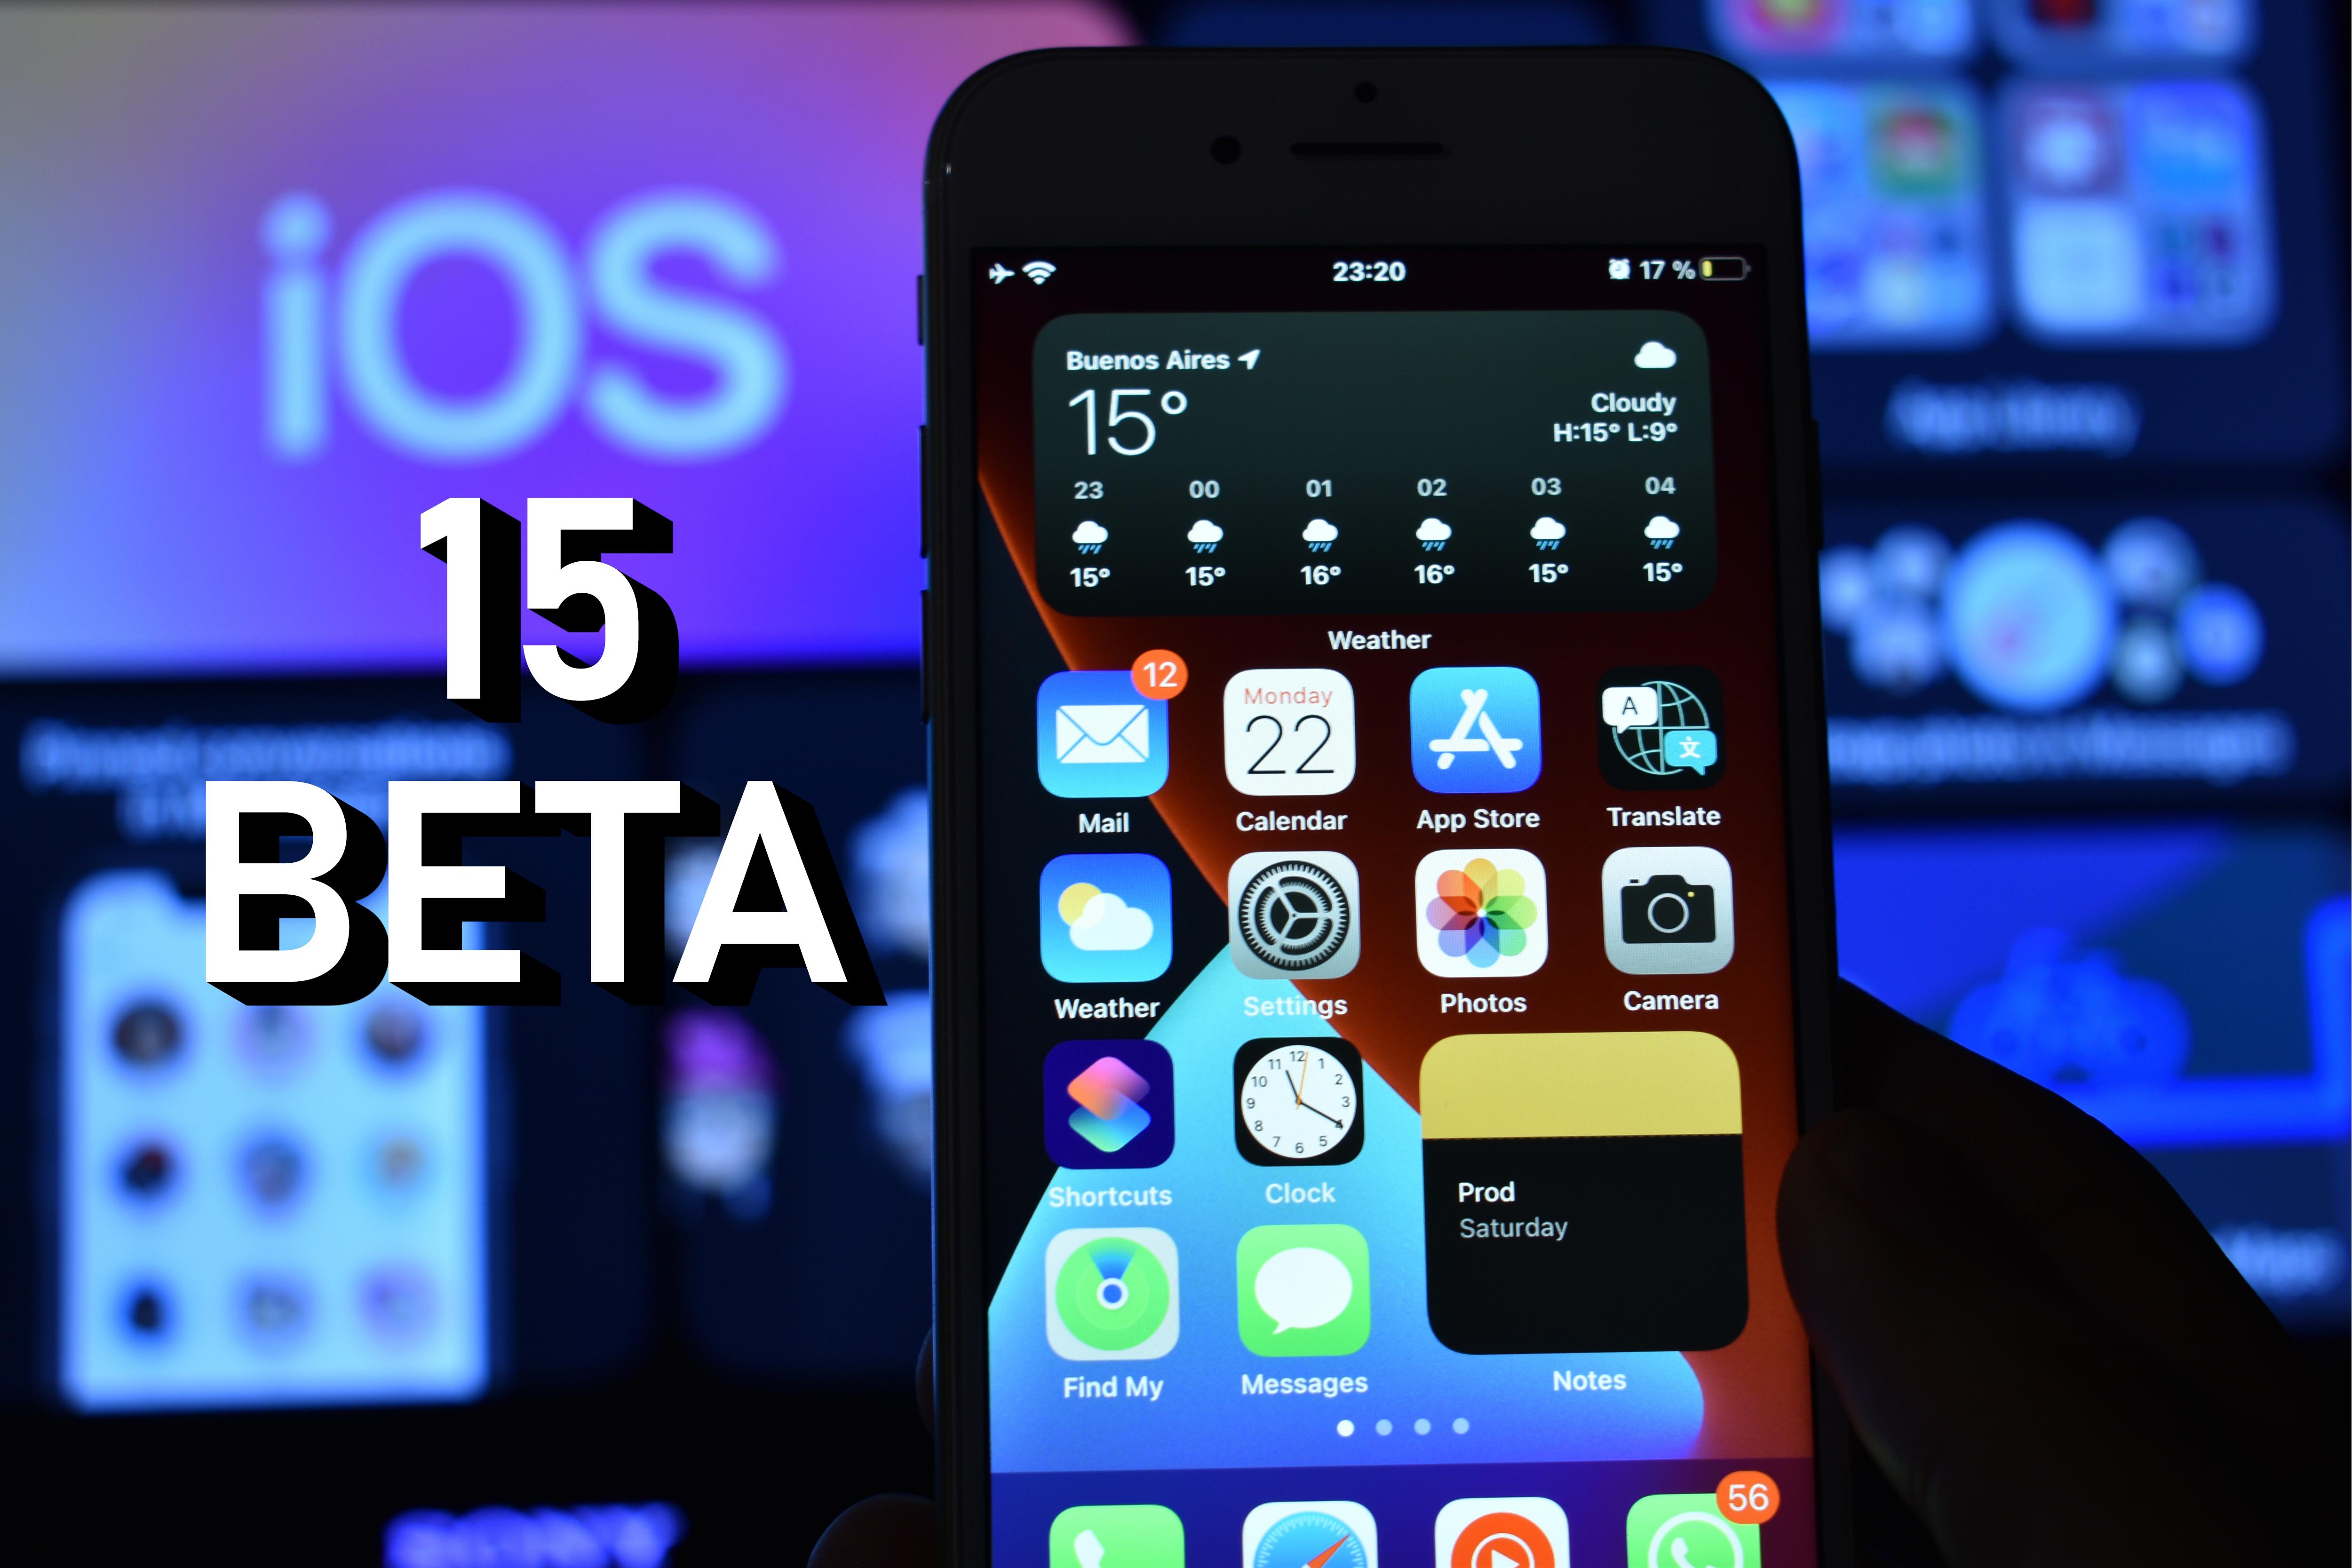 iOS 15 Beta - Herunterladen - Nachrichten - IMEI.info